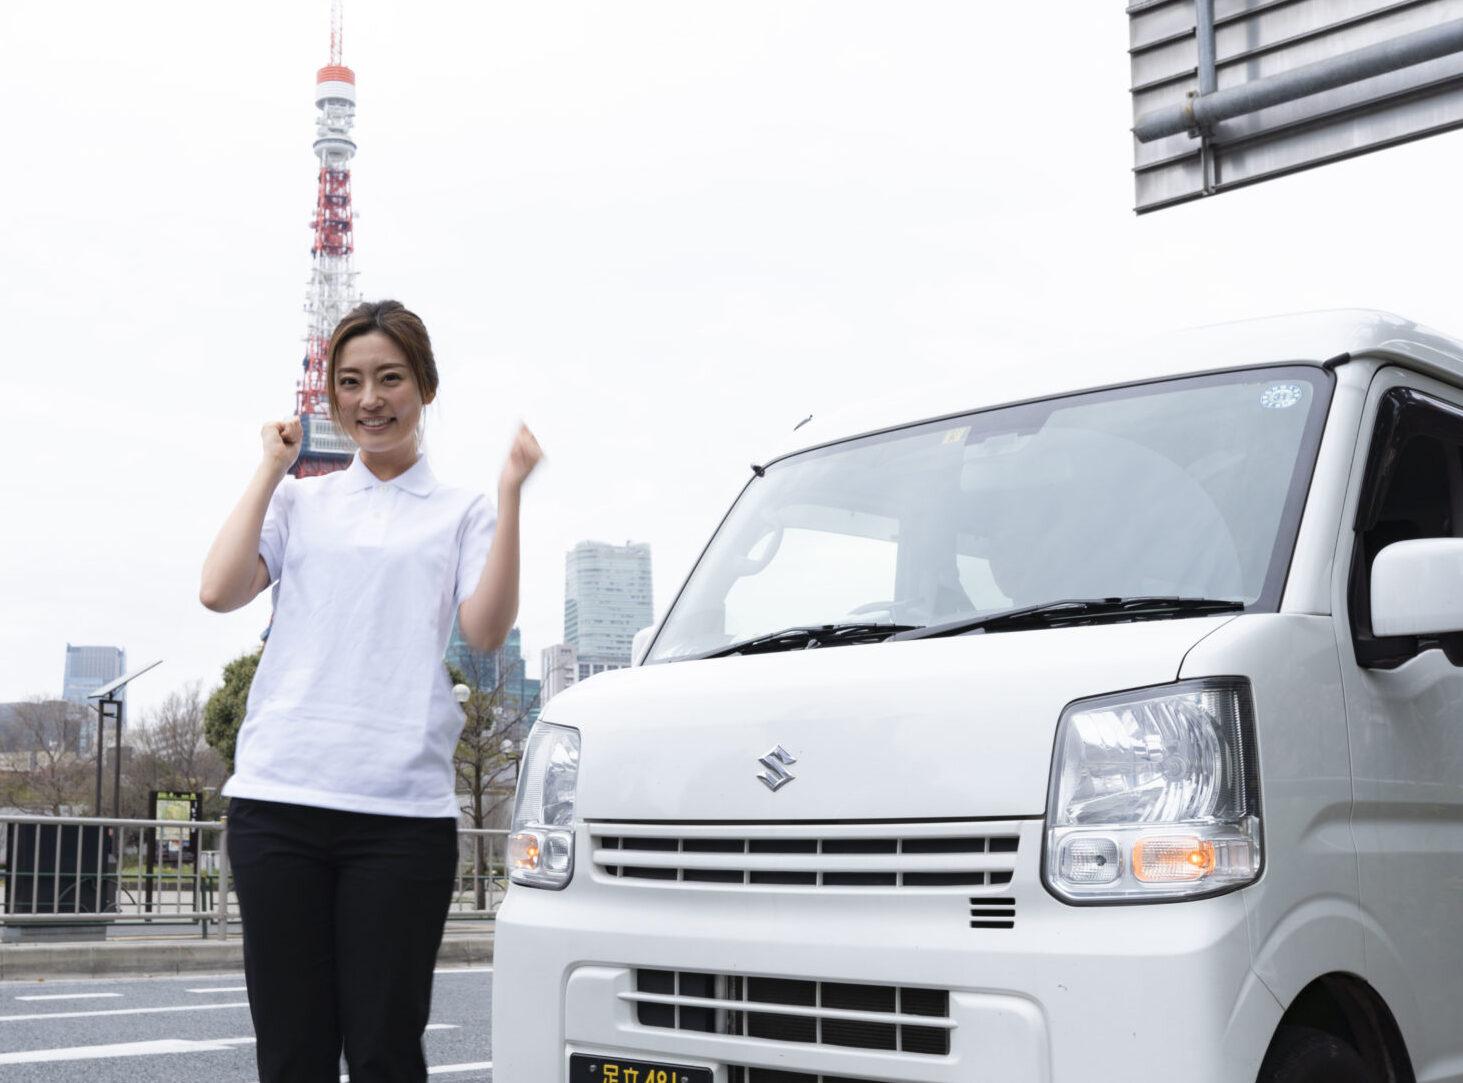 軽貨物車両の前でポーズを取る若い女性